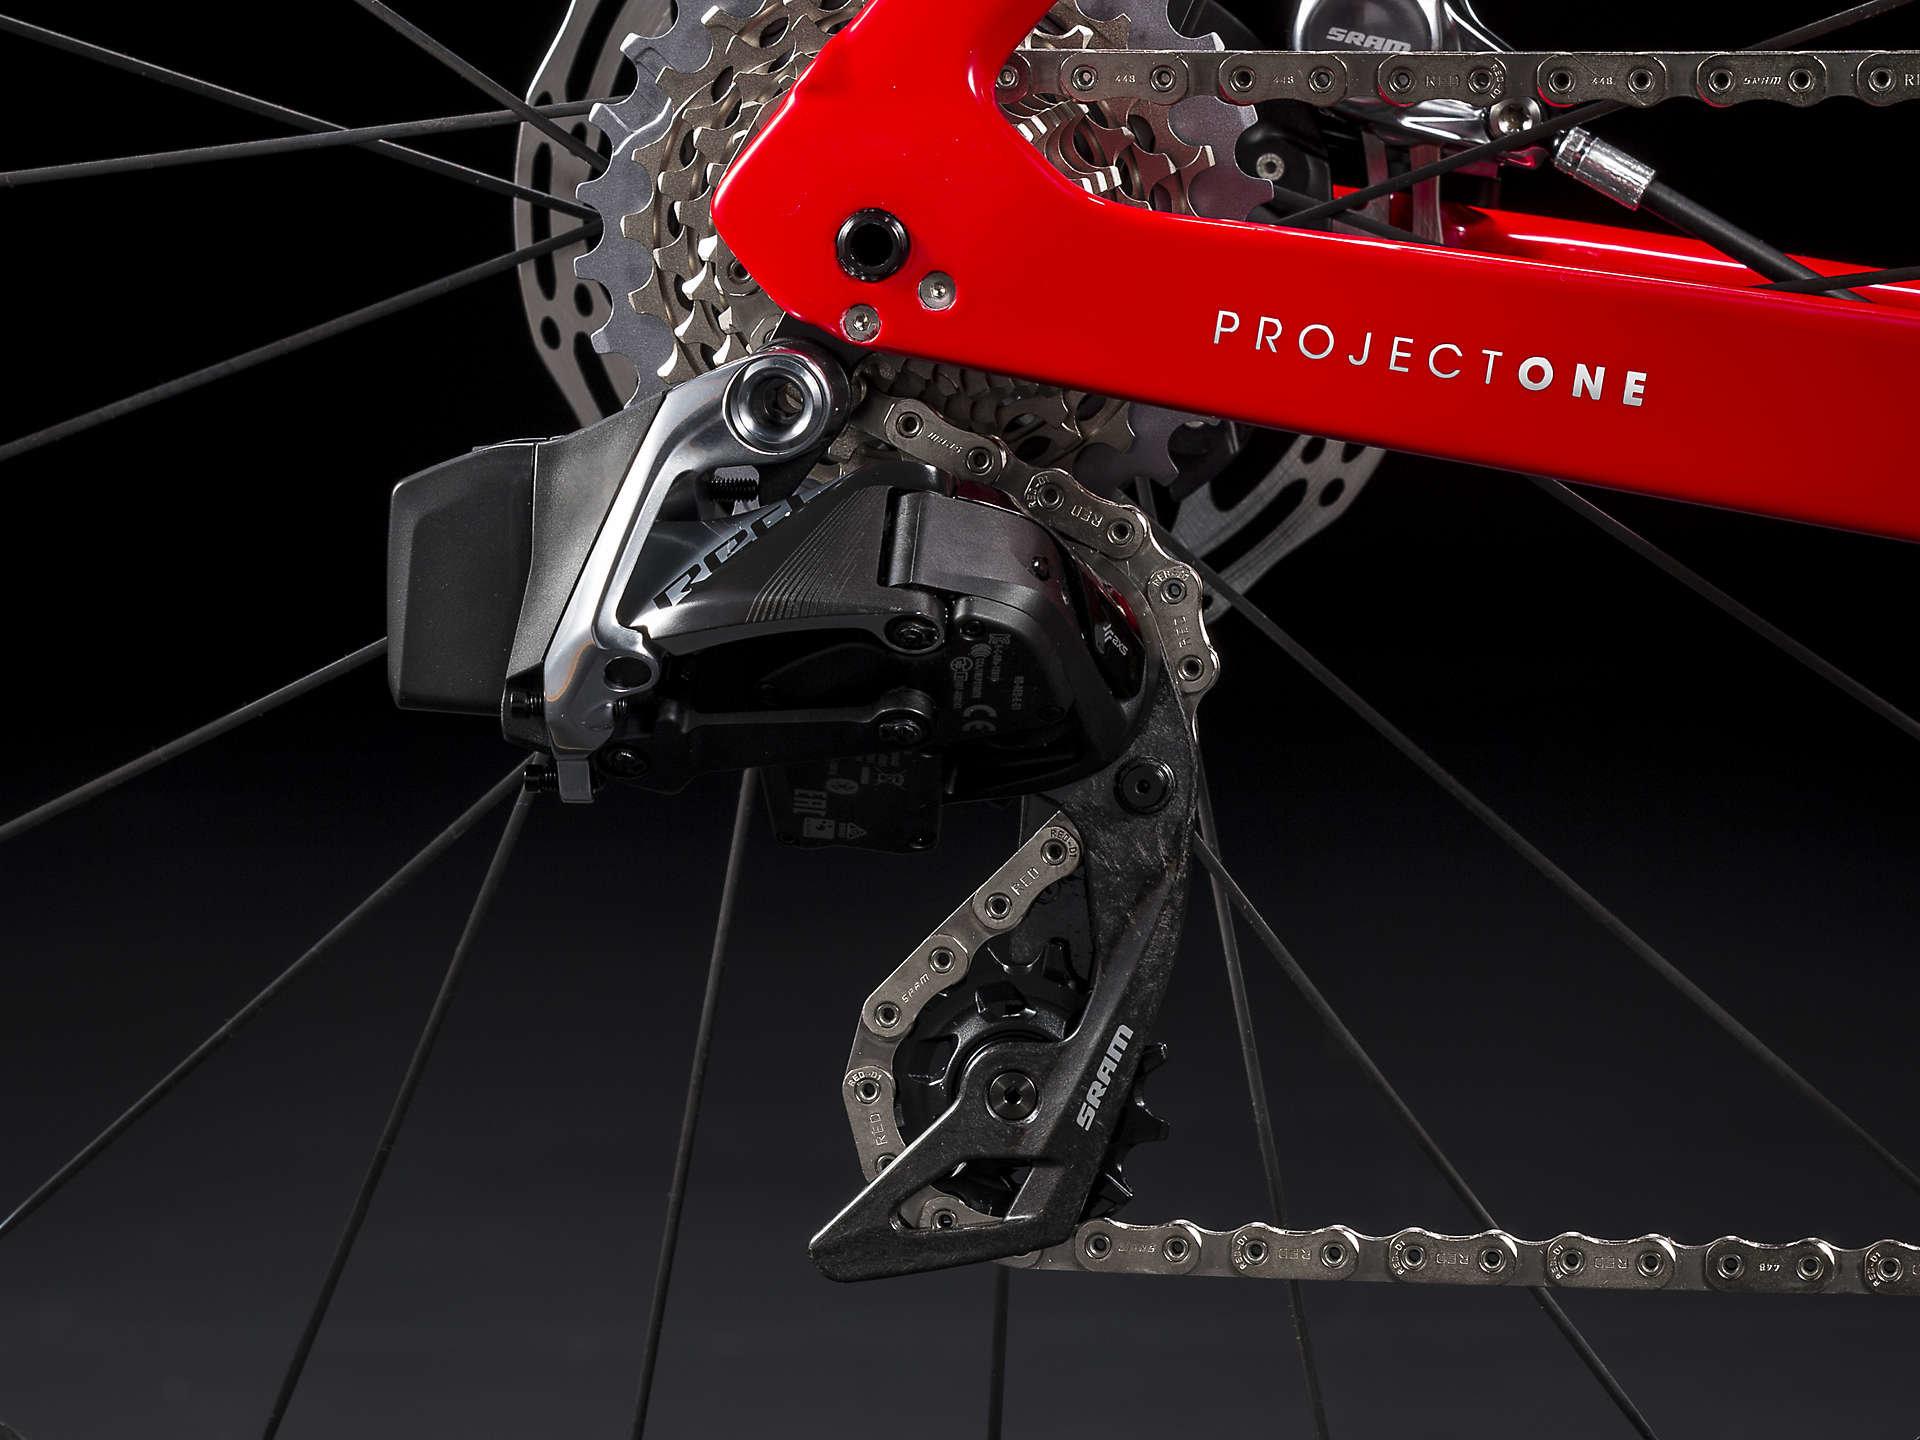 Trek Madone SLR 9 Disc eTap - Trek Bikes of Highland Park